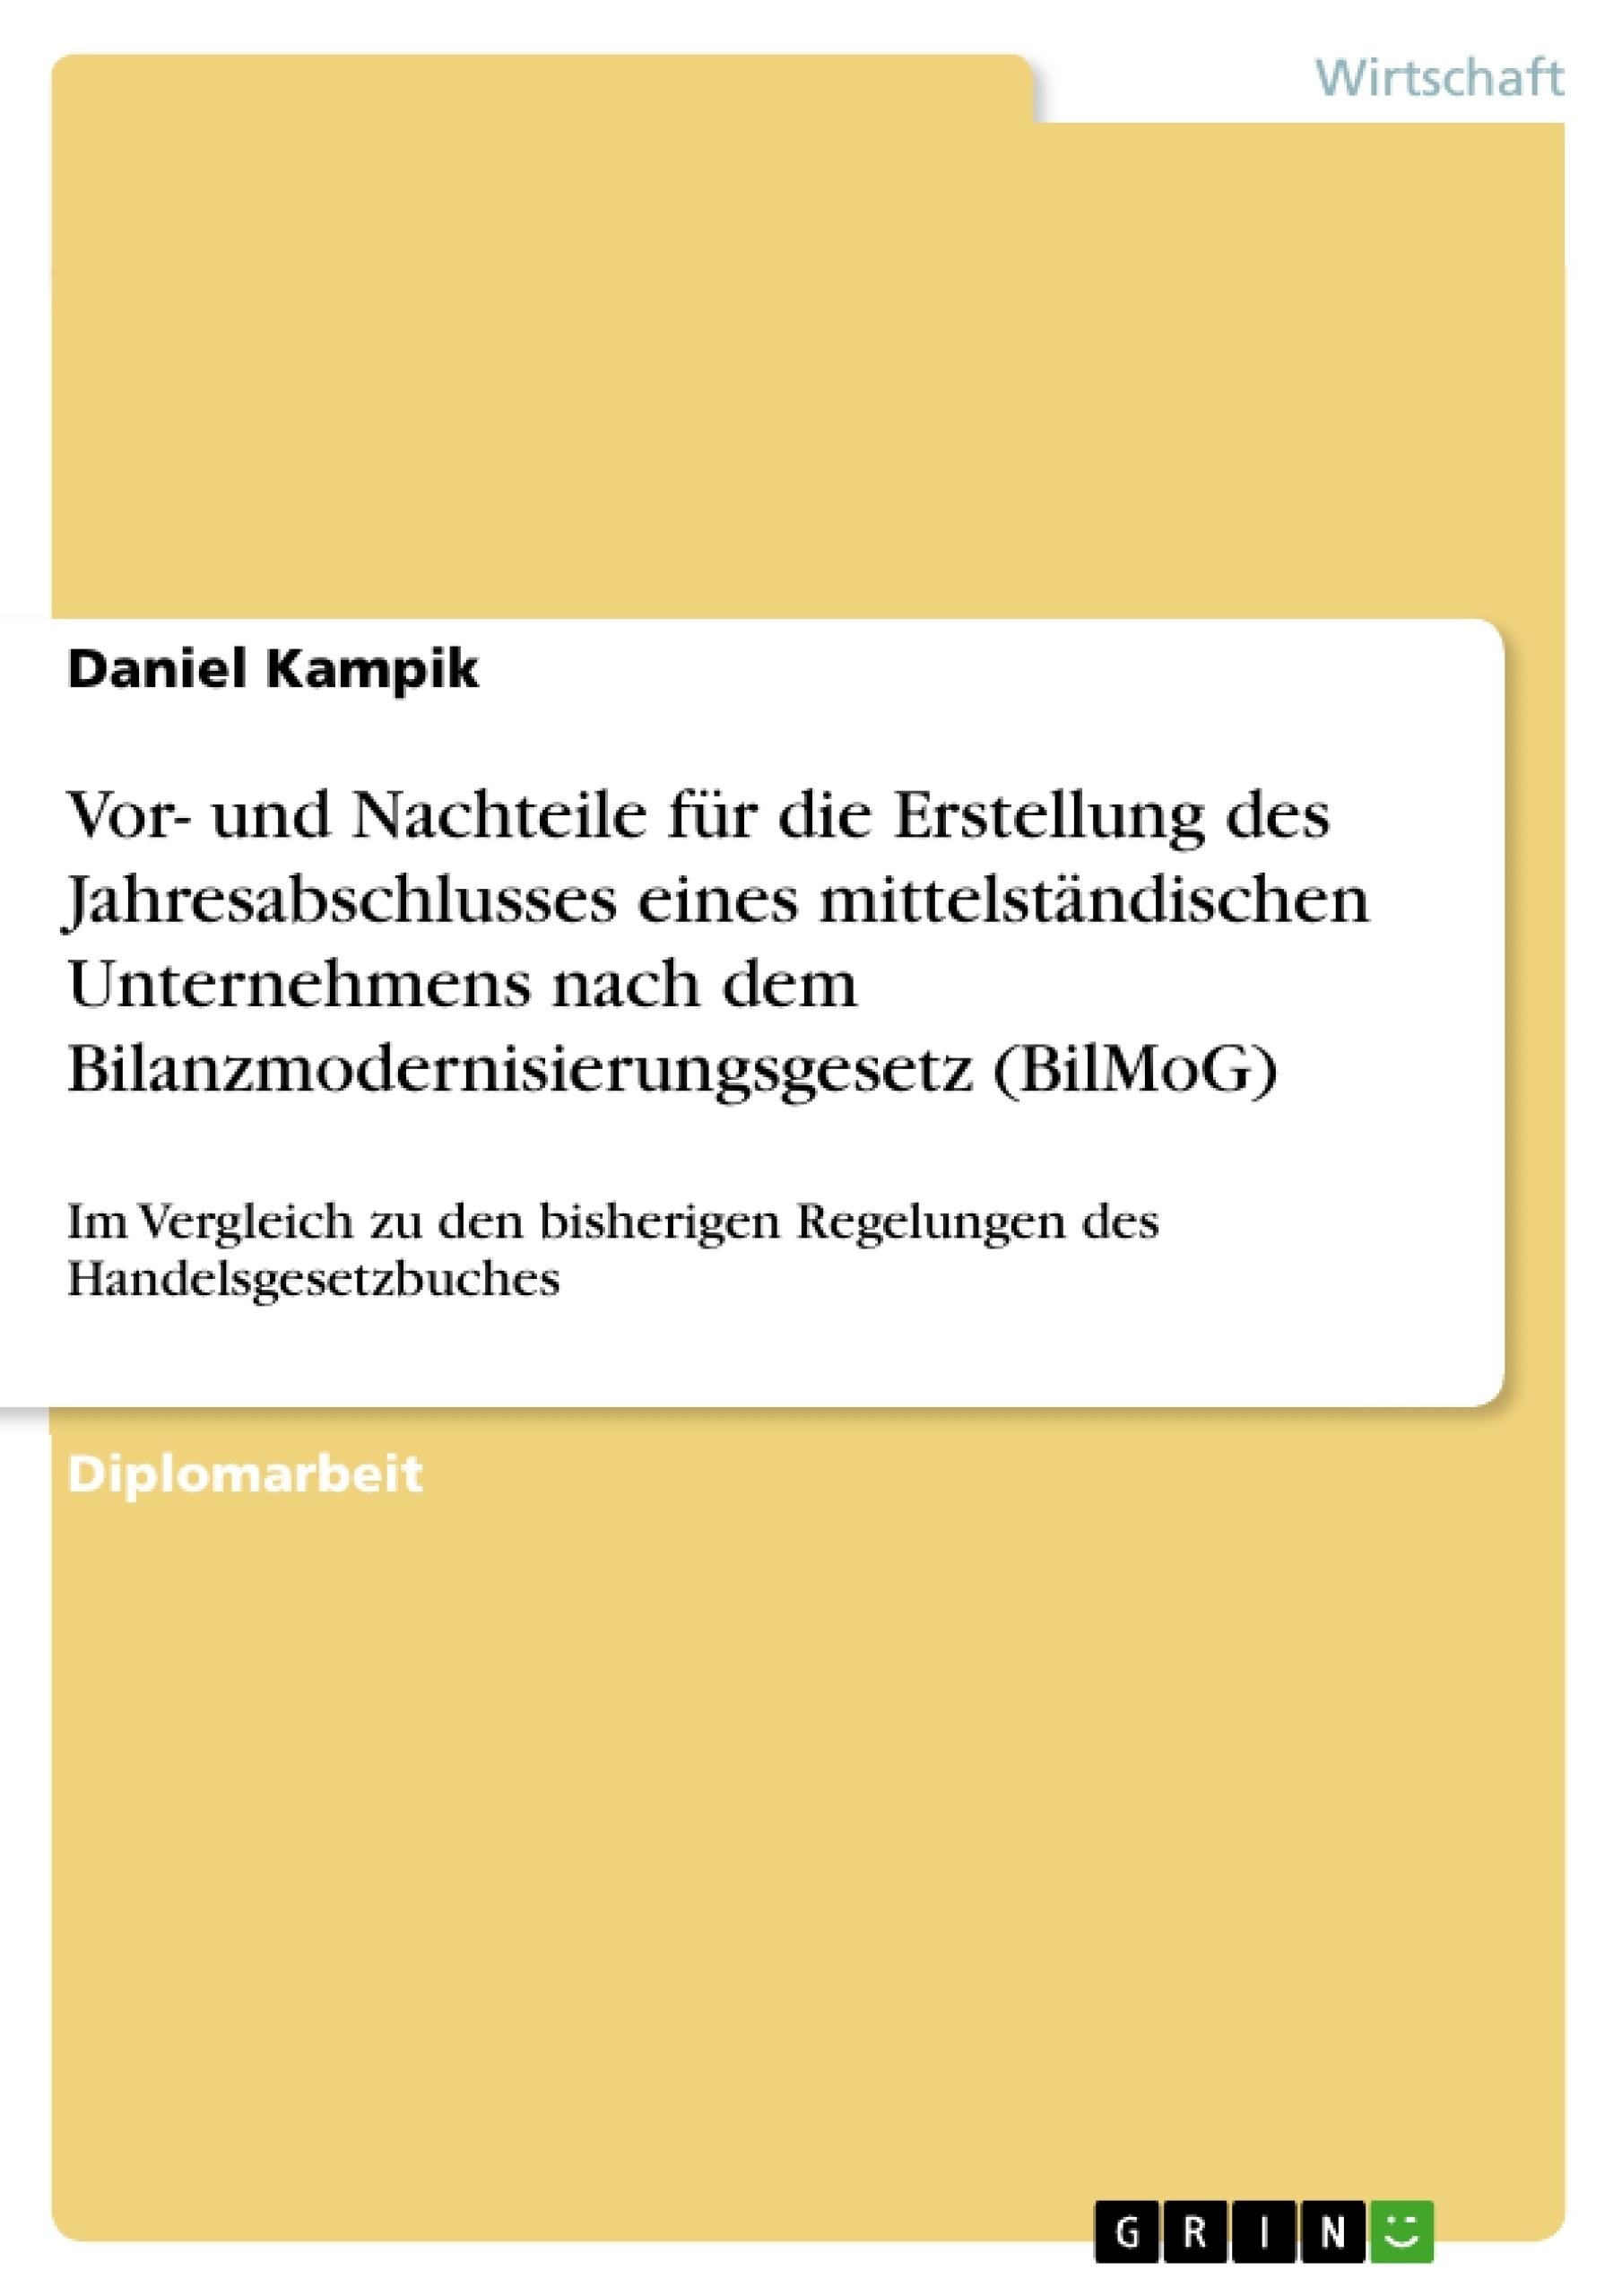 Titel: Vor- und Nachteile für die Erstellung des Jahresabschlusses eines mittelständischen Unternehmens nach dem Bilanzmodernisierungsgesetz (BilMoG)